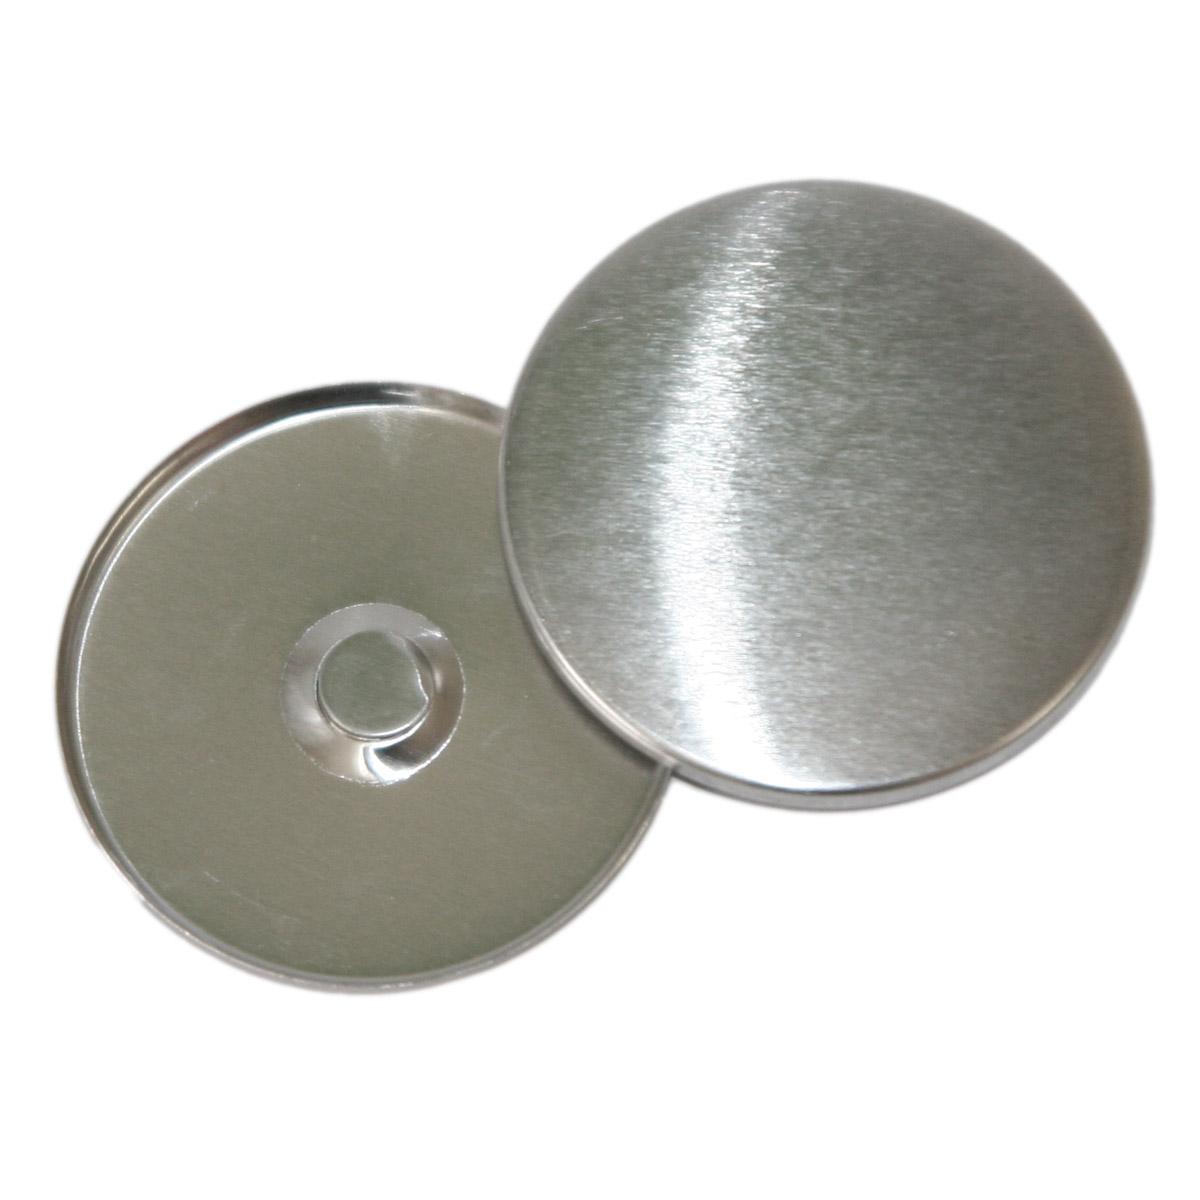 Komponenty do przypinek z magnesem neodymowym